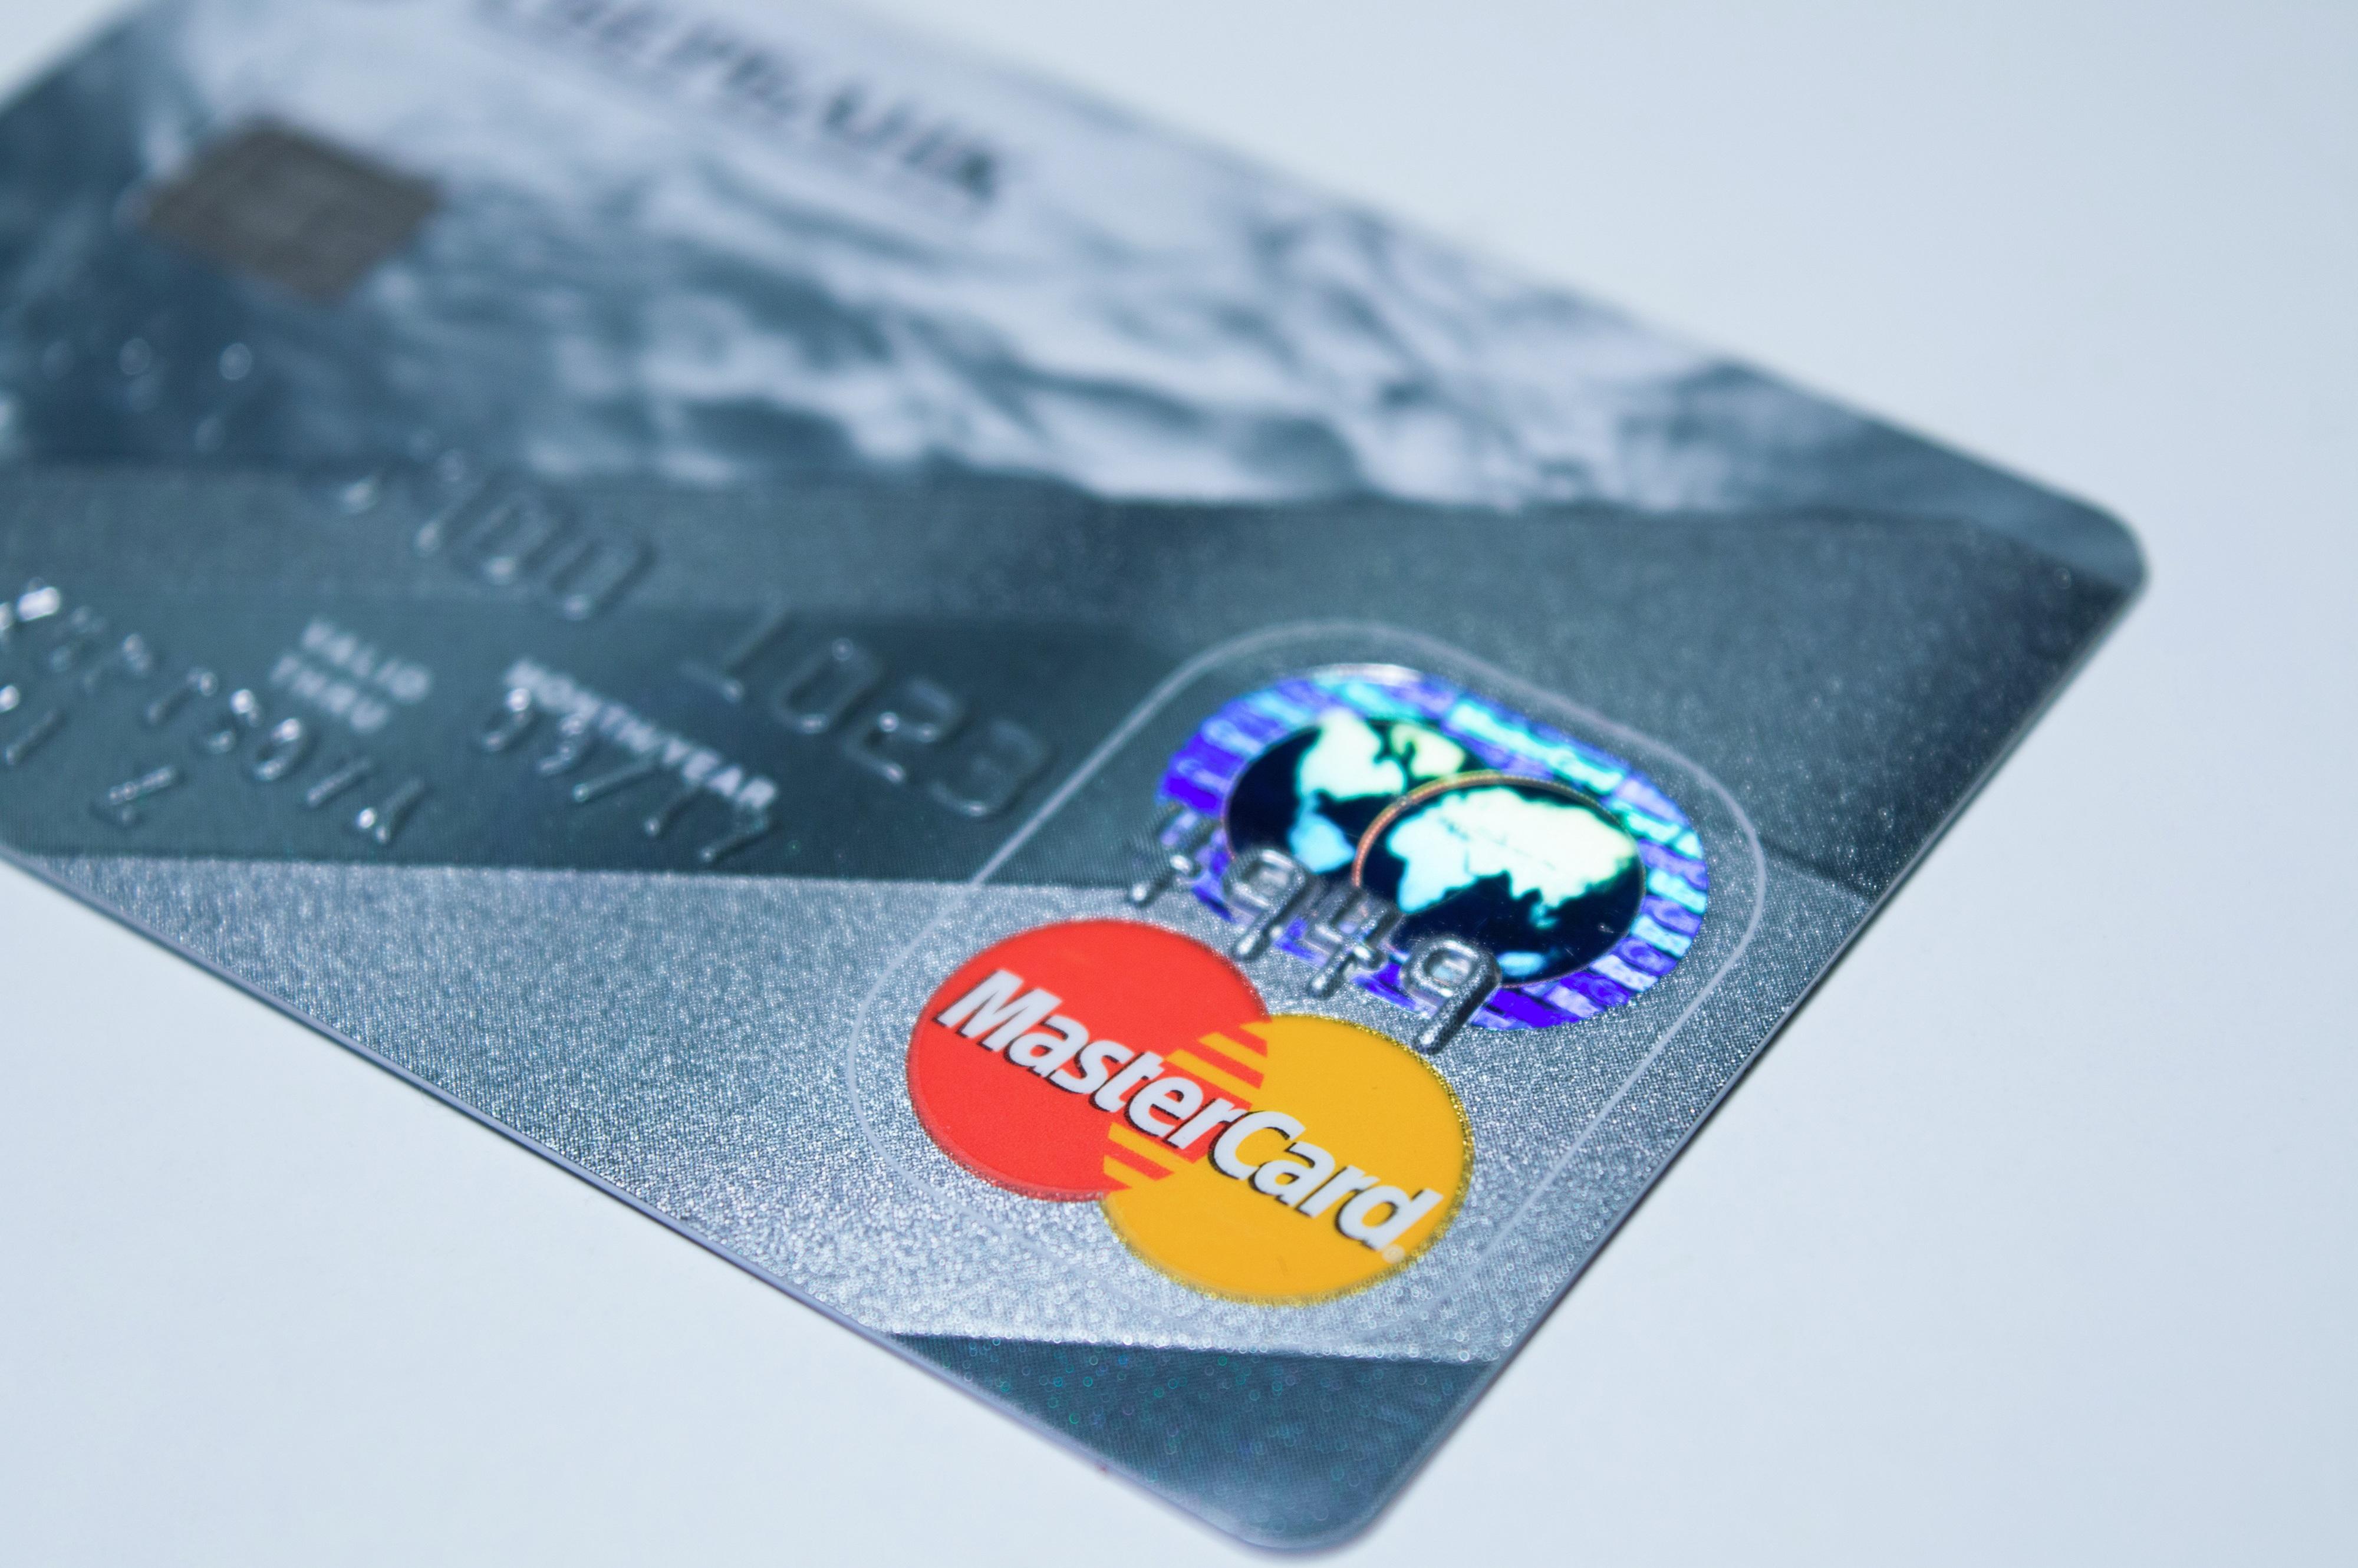 รีไฟแนนซ์หนี้บัตรเครดิต กับ ธนาคารกรุงศรี สมัครง่าย อนุมัติเร็วทันใจ - imoney